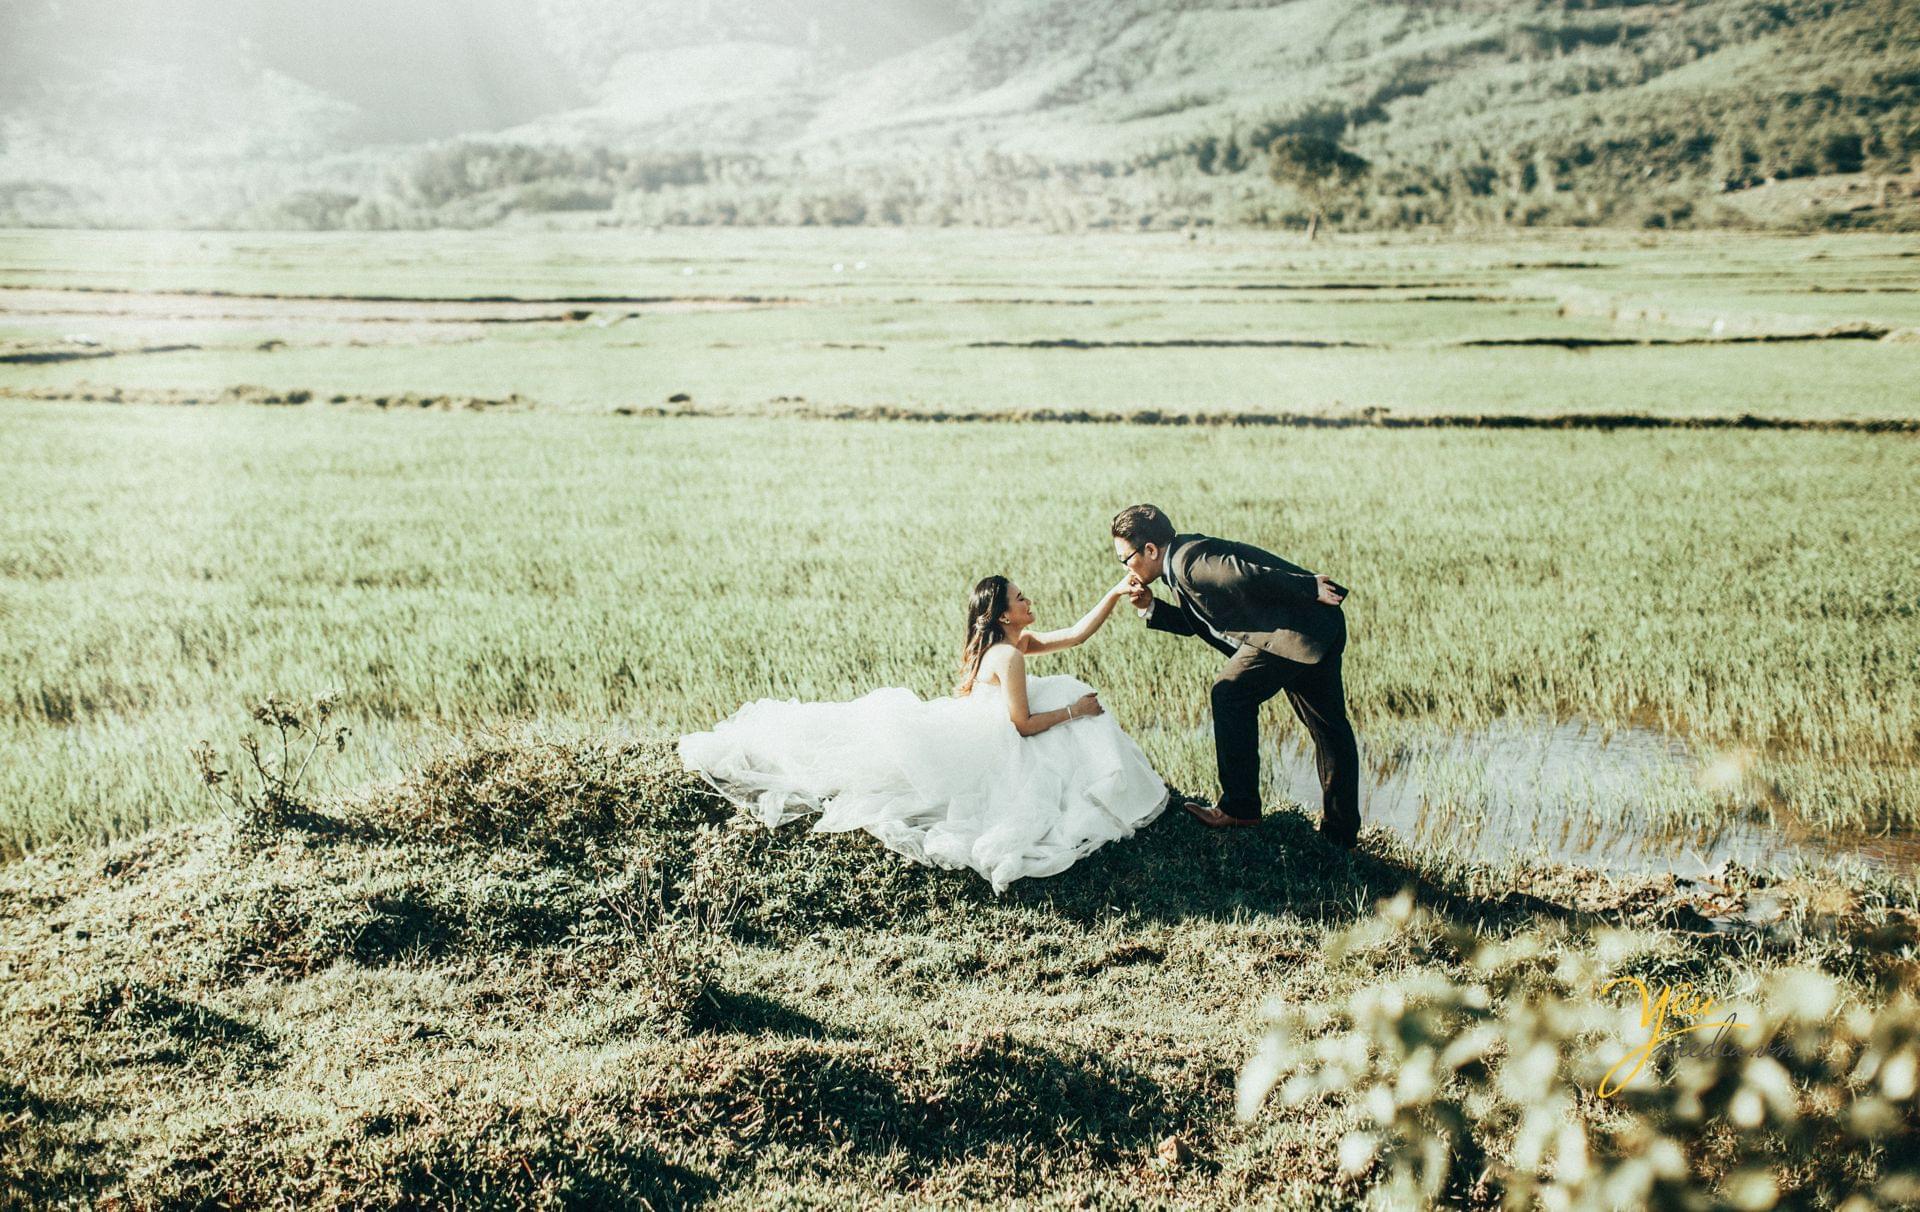 chú rể hôn tay cô dâu trên đồng cỏ